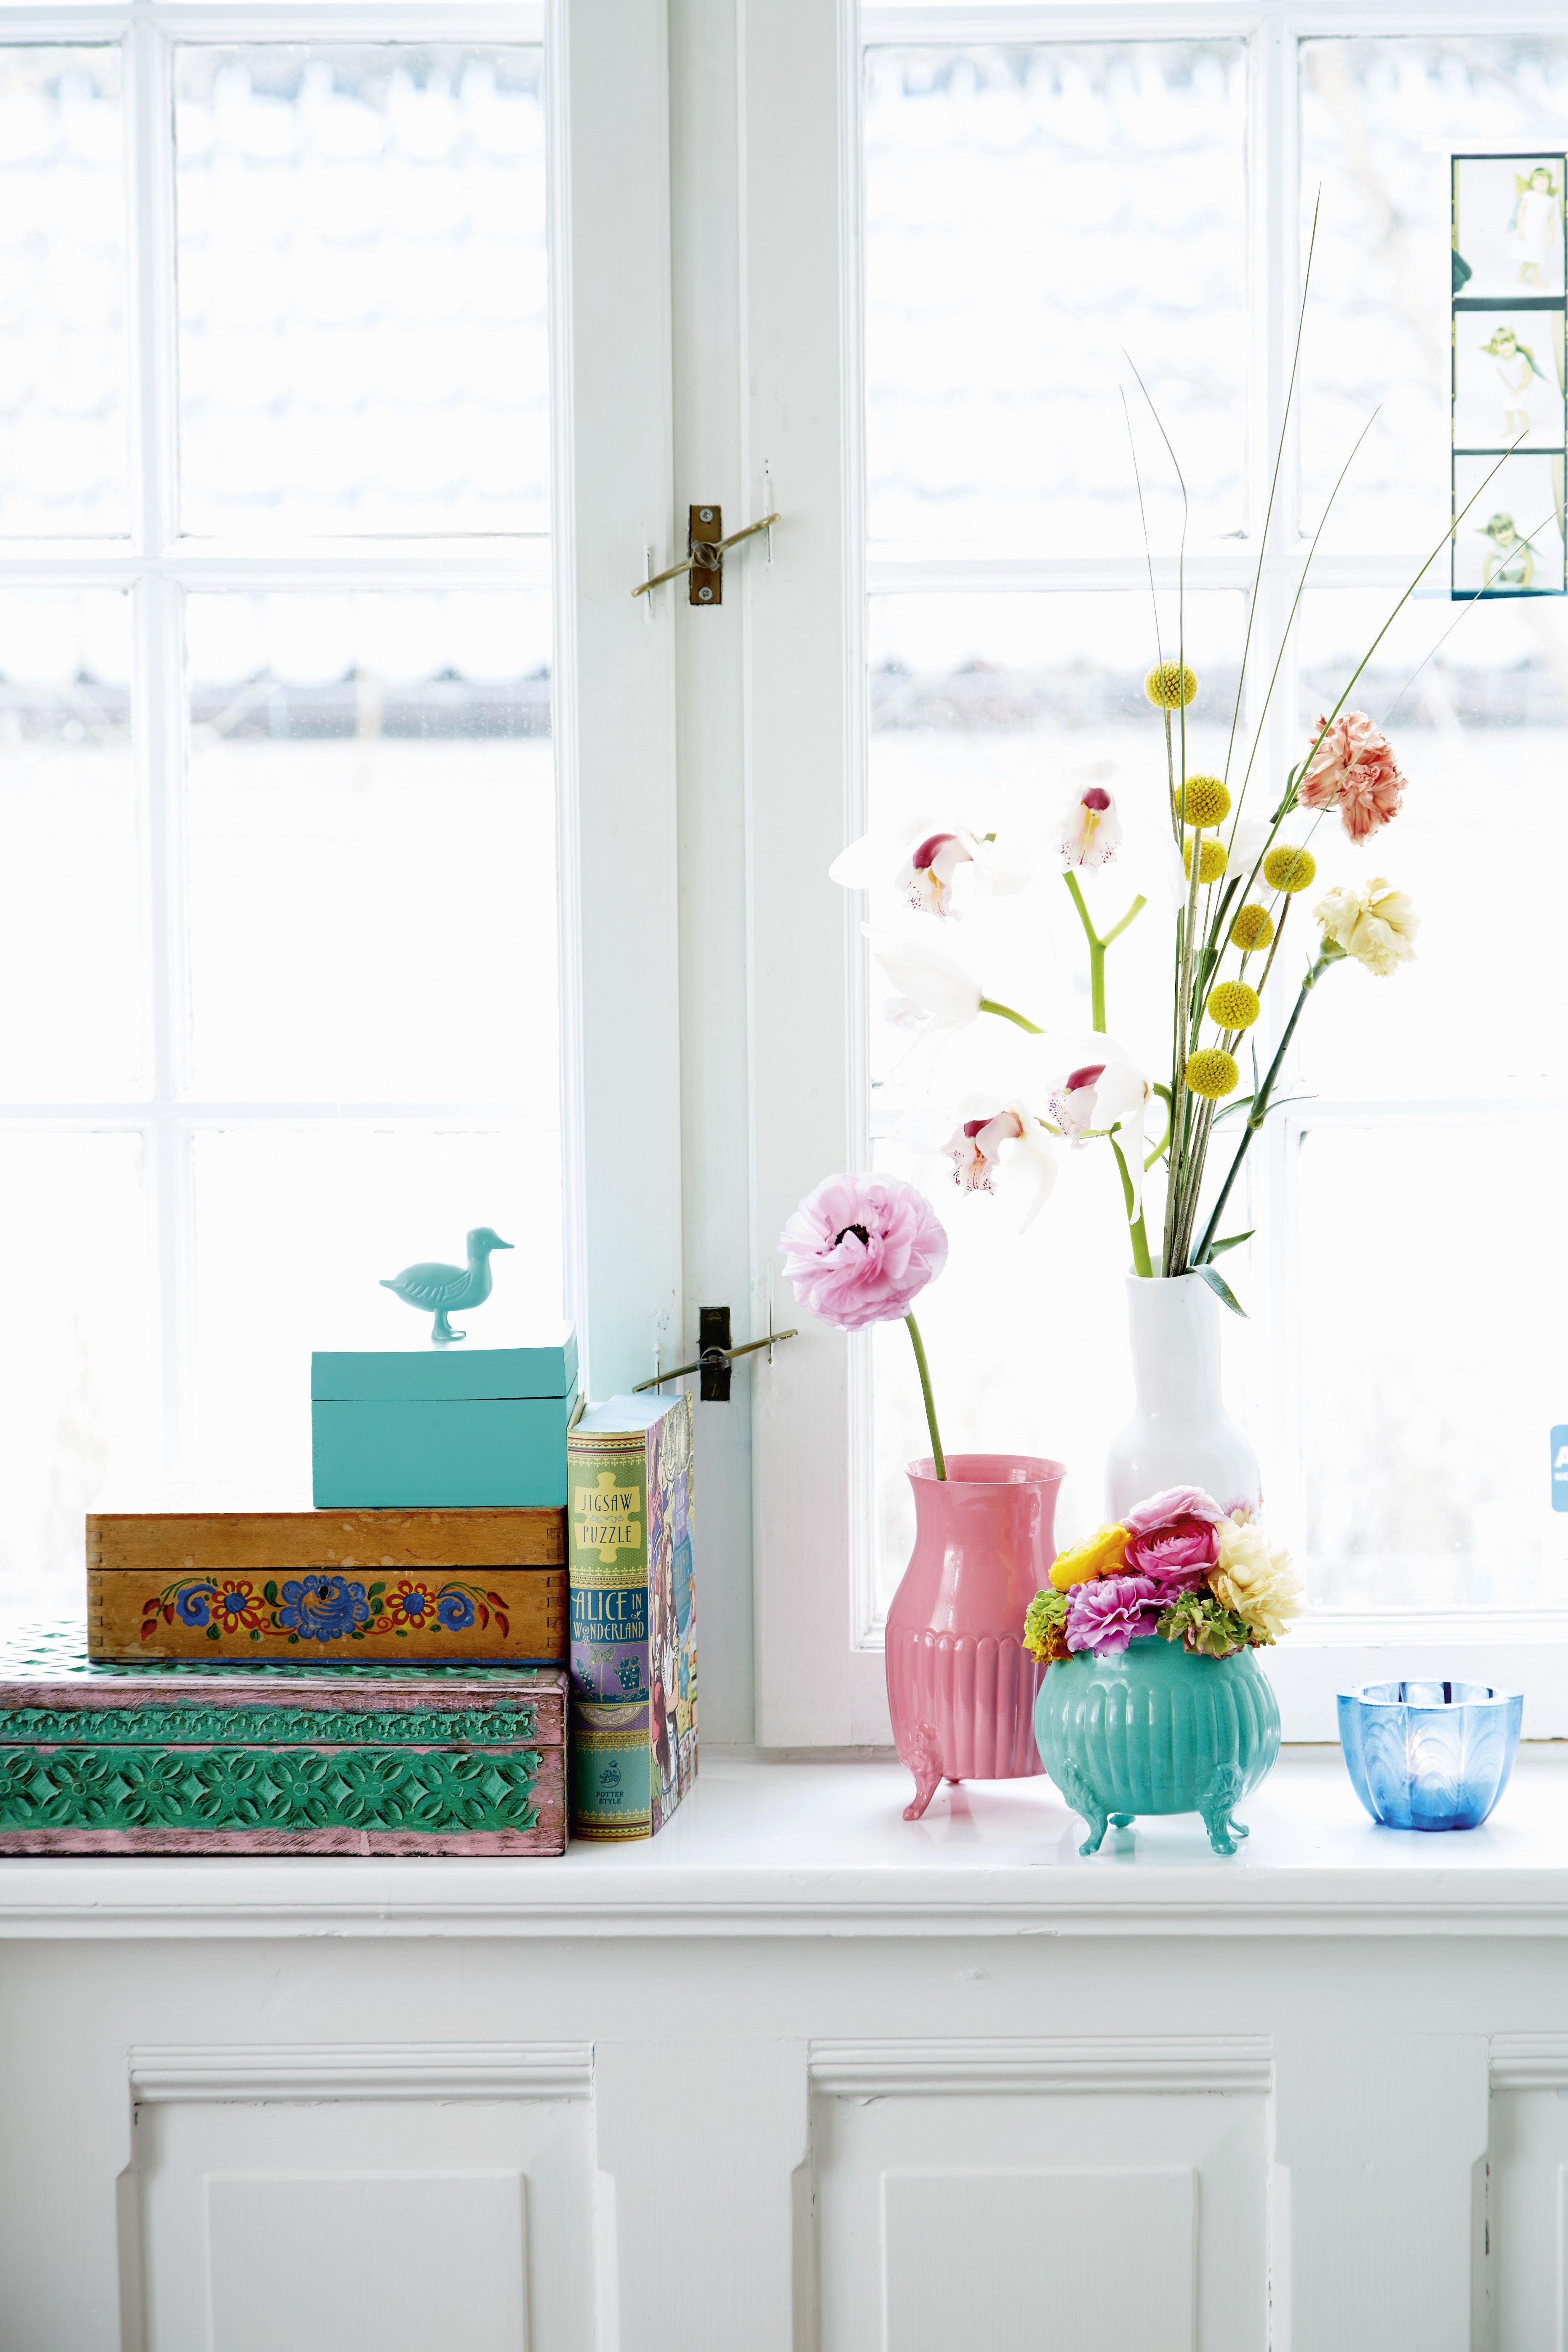 Happy Home Rice Aw13 Ideeen Voor Thuisdecoratie Interieur Thuis Diy